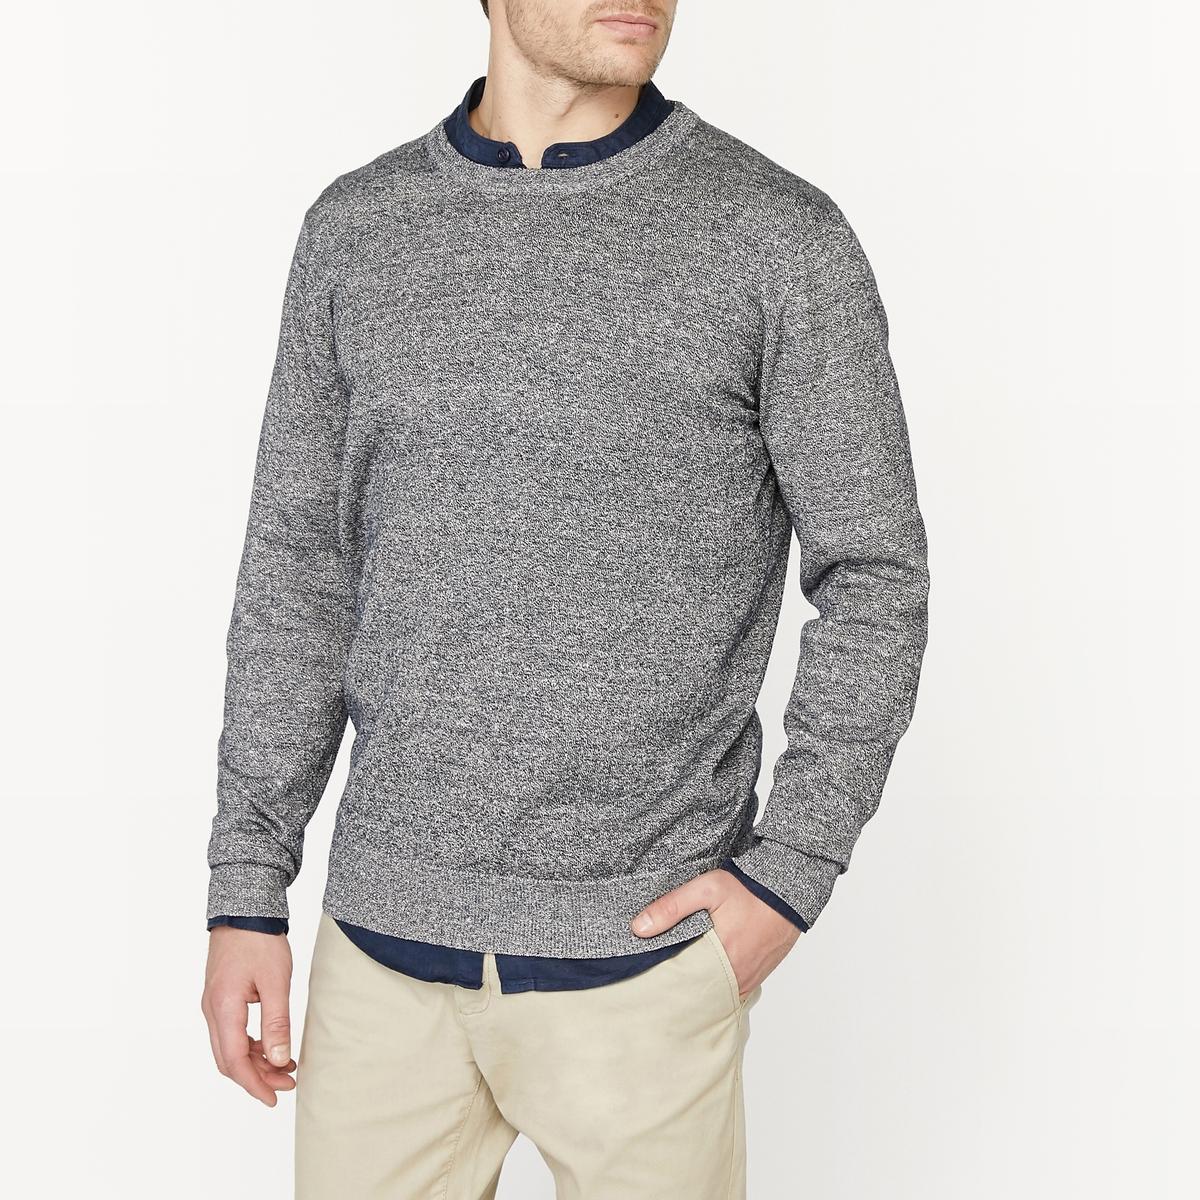 Пуловер с круглым вырезом из смесовой ткани из льна пуловер с круглым вырезом из хлопка и льна